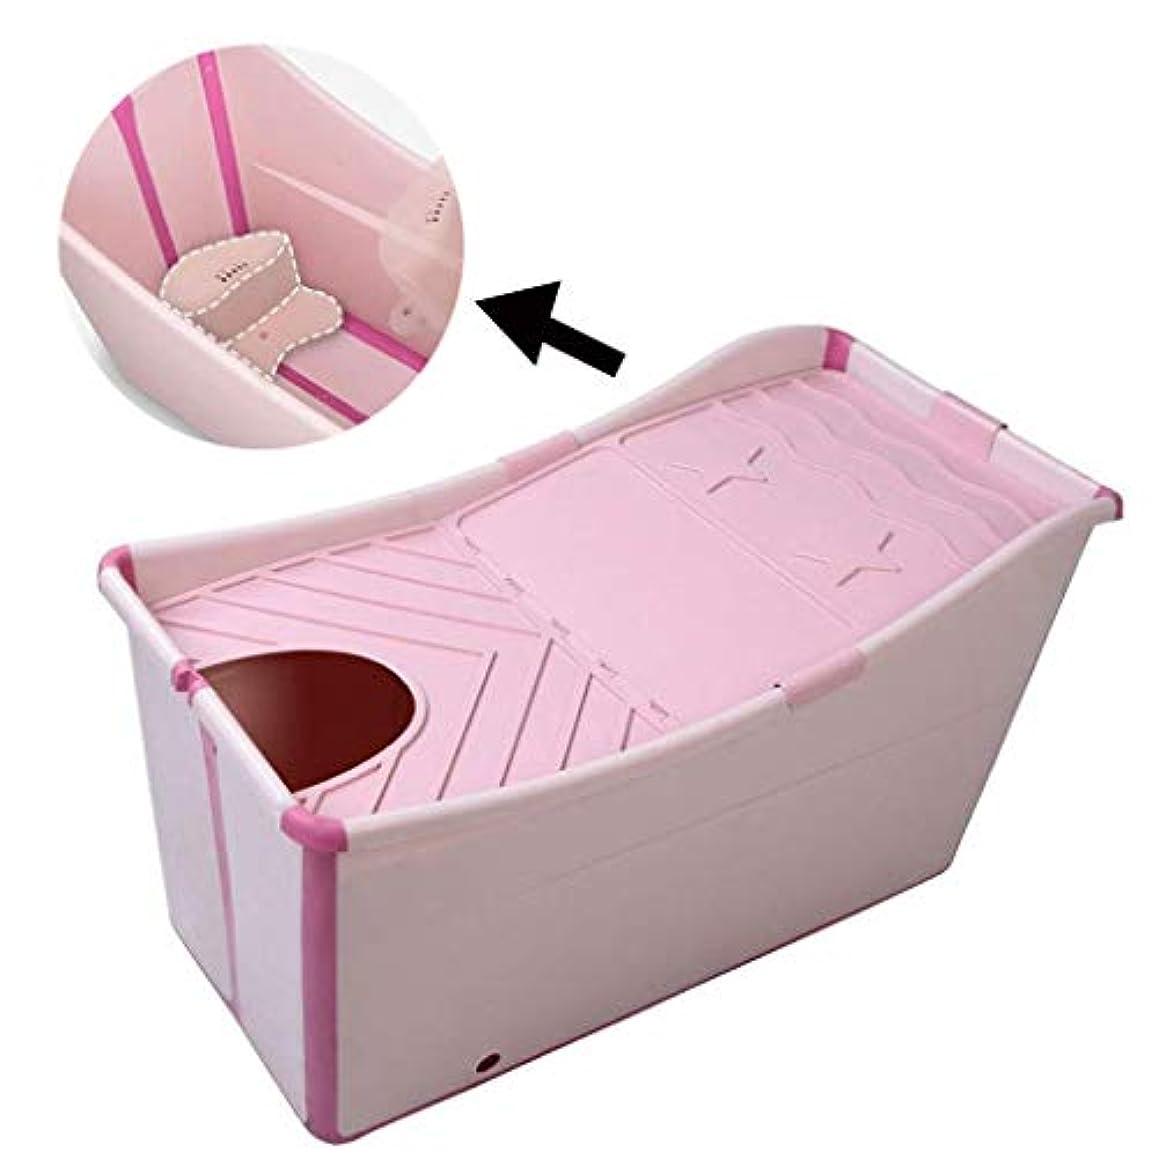 動作課すはぁジャンボ折り畳み浴槽に入浴椅子があり、夏のプールの独立式浴槽桶は成人/老人、子供、SPA理学療法に適していて、浴槽がさらに高くなって、長い保温時間に蓋が付いています (Color : Pink)